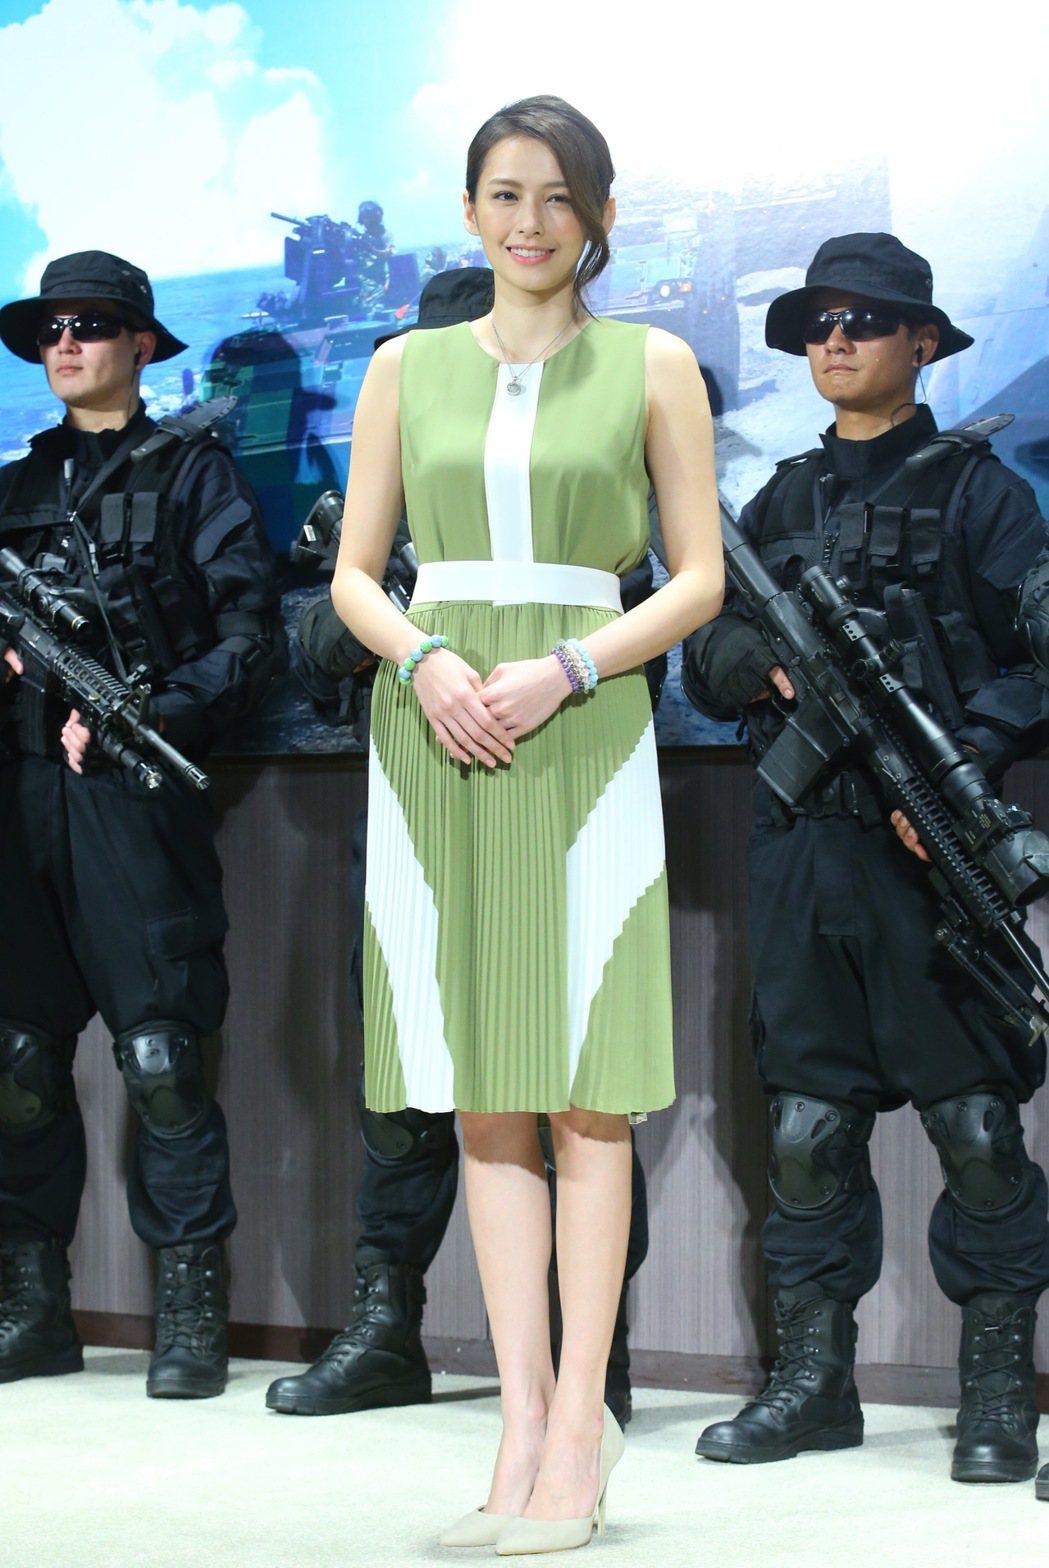 國防部電視劇「最好的選擇」,主要演員袁艾菲(中)在媒體鏡頭前現身。記者許正宏/攝...